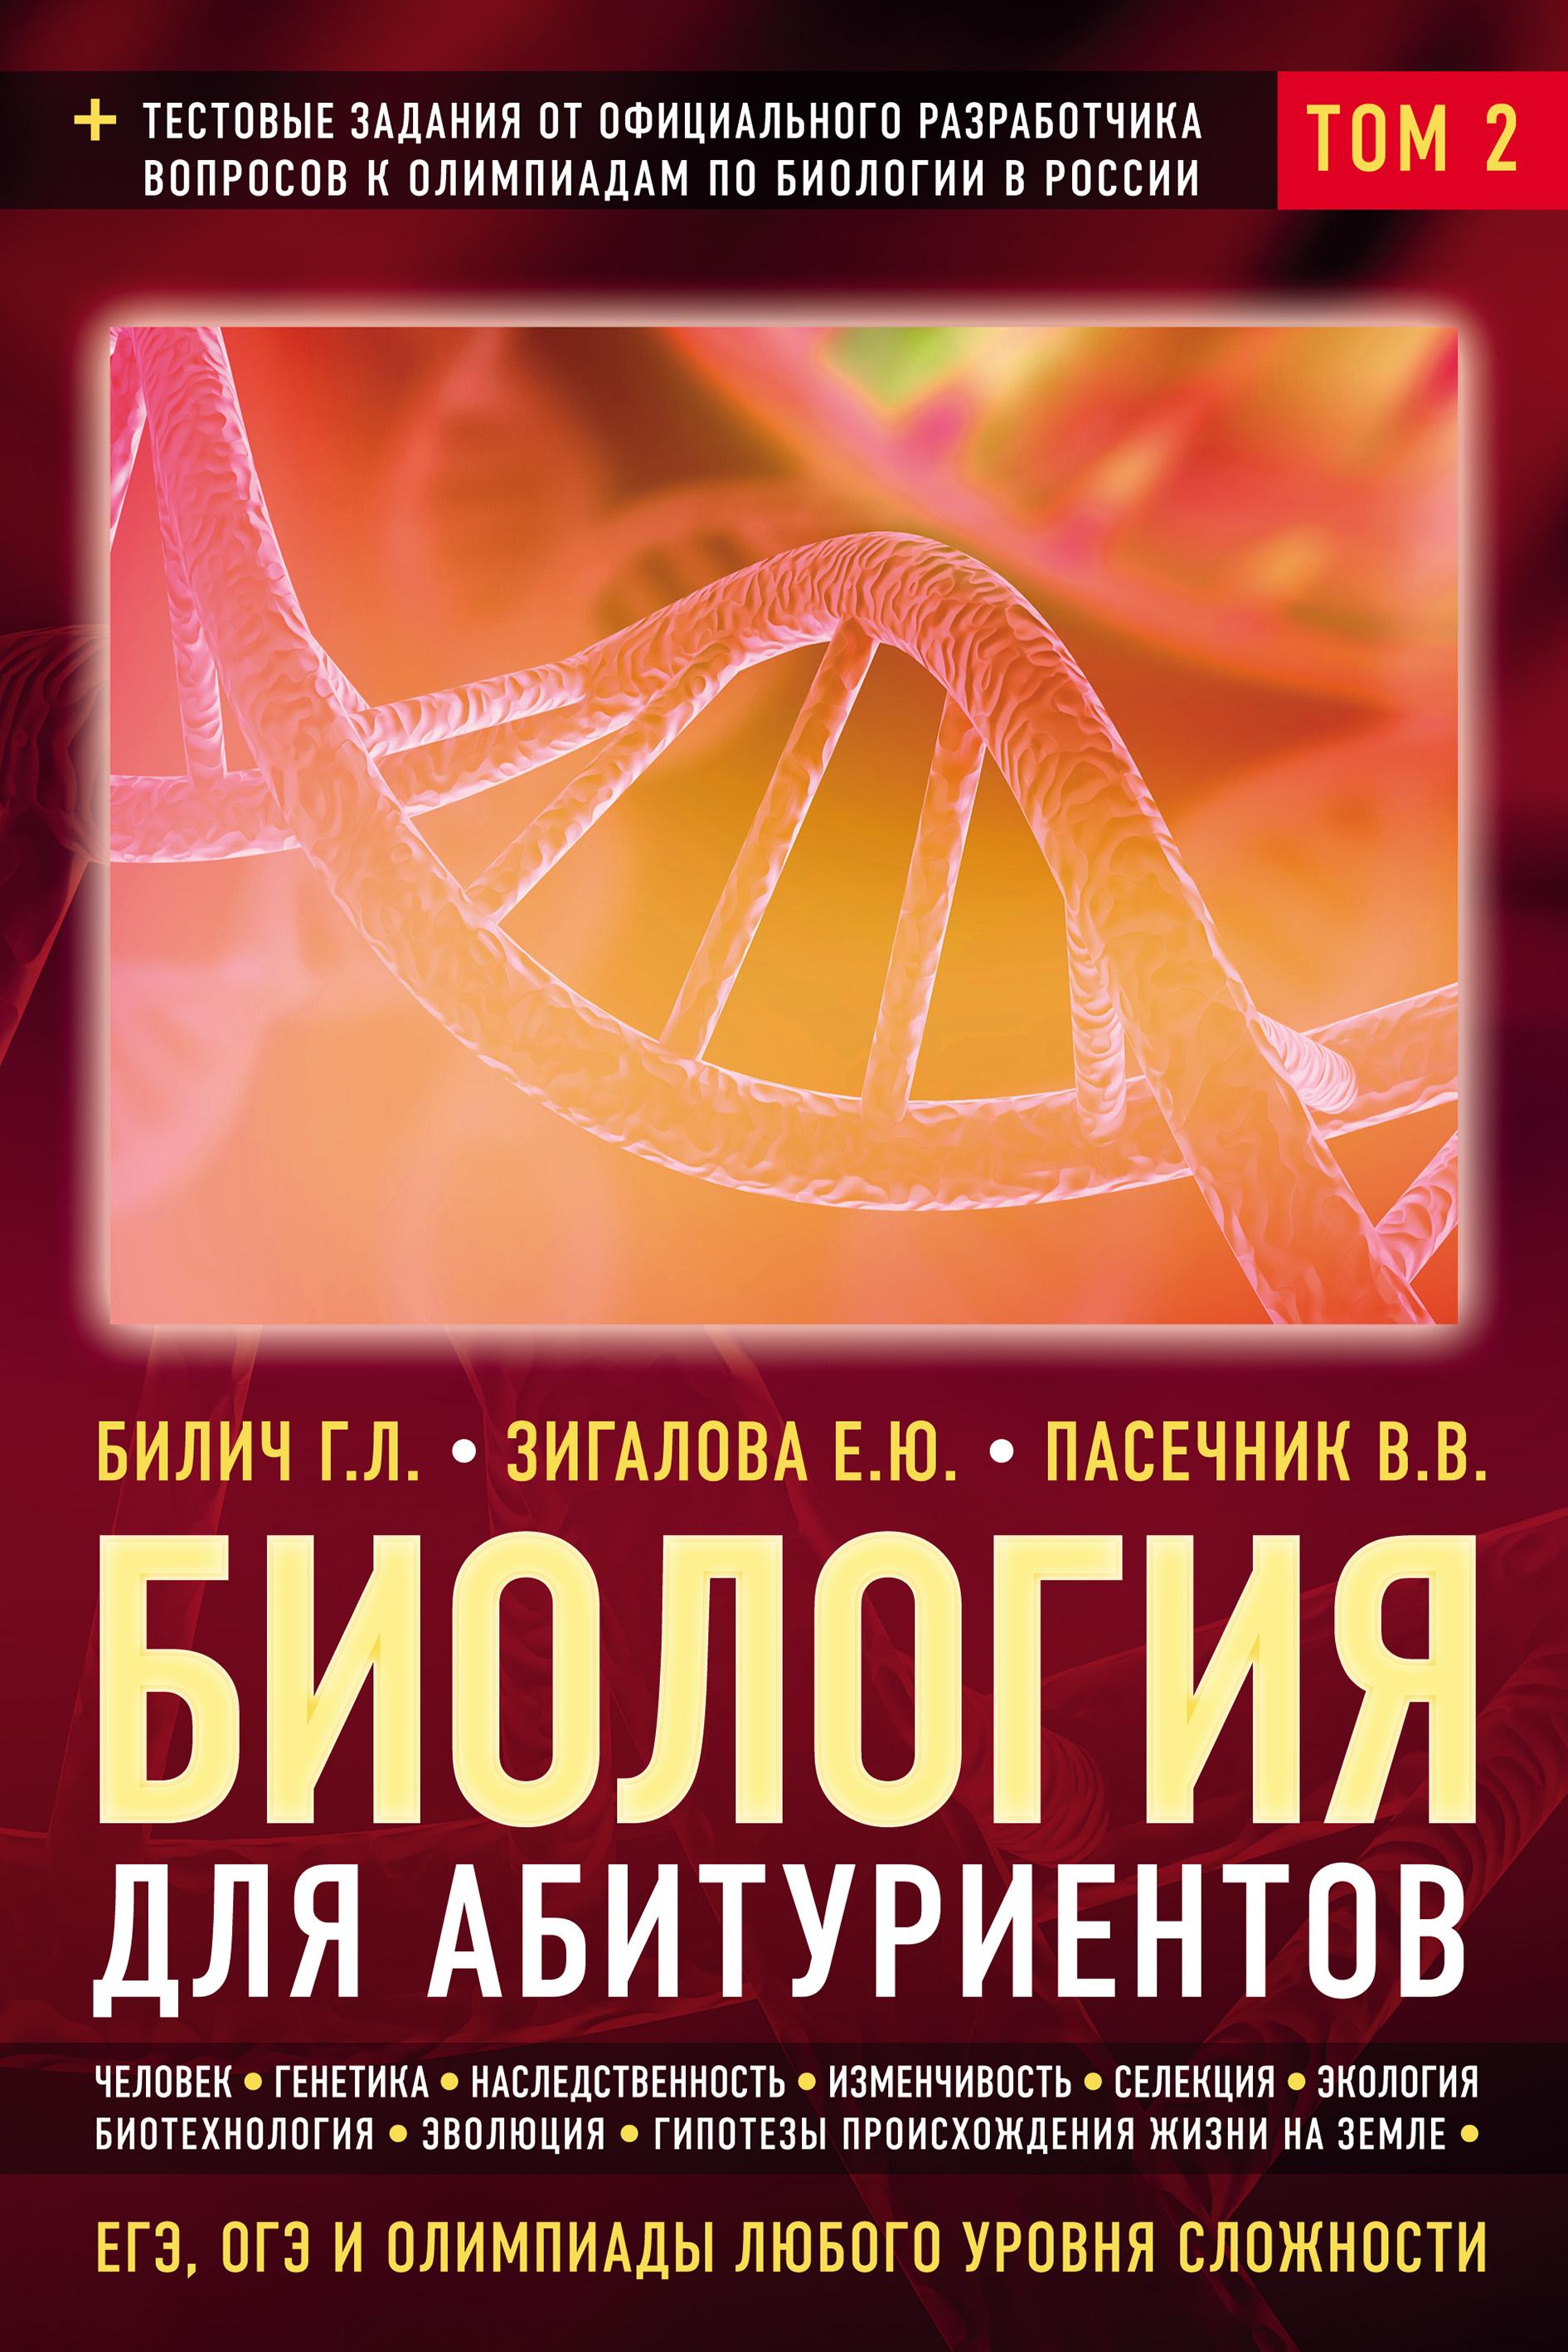 Биология для абитуриентов. ЕГЭ, ОГЭ и олимпиады любого уровня сложности. Том 2. Человек. Генетика. Селекция. Эволюция. Экология